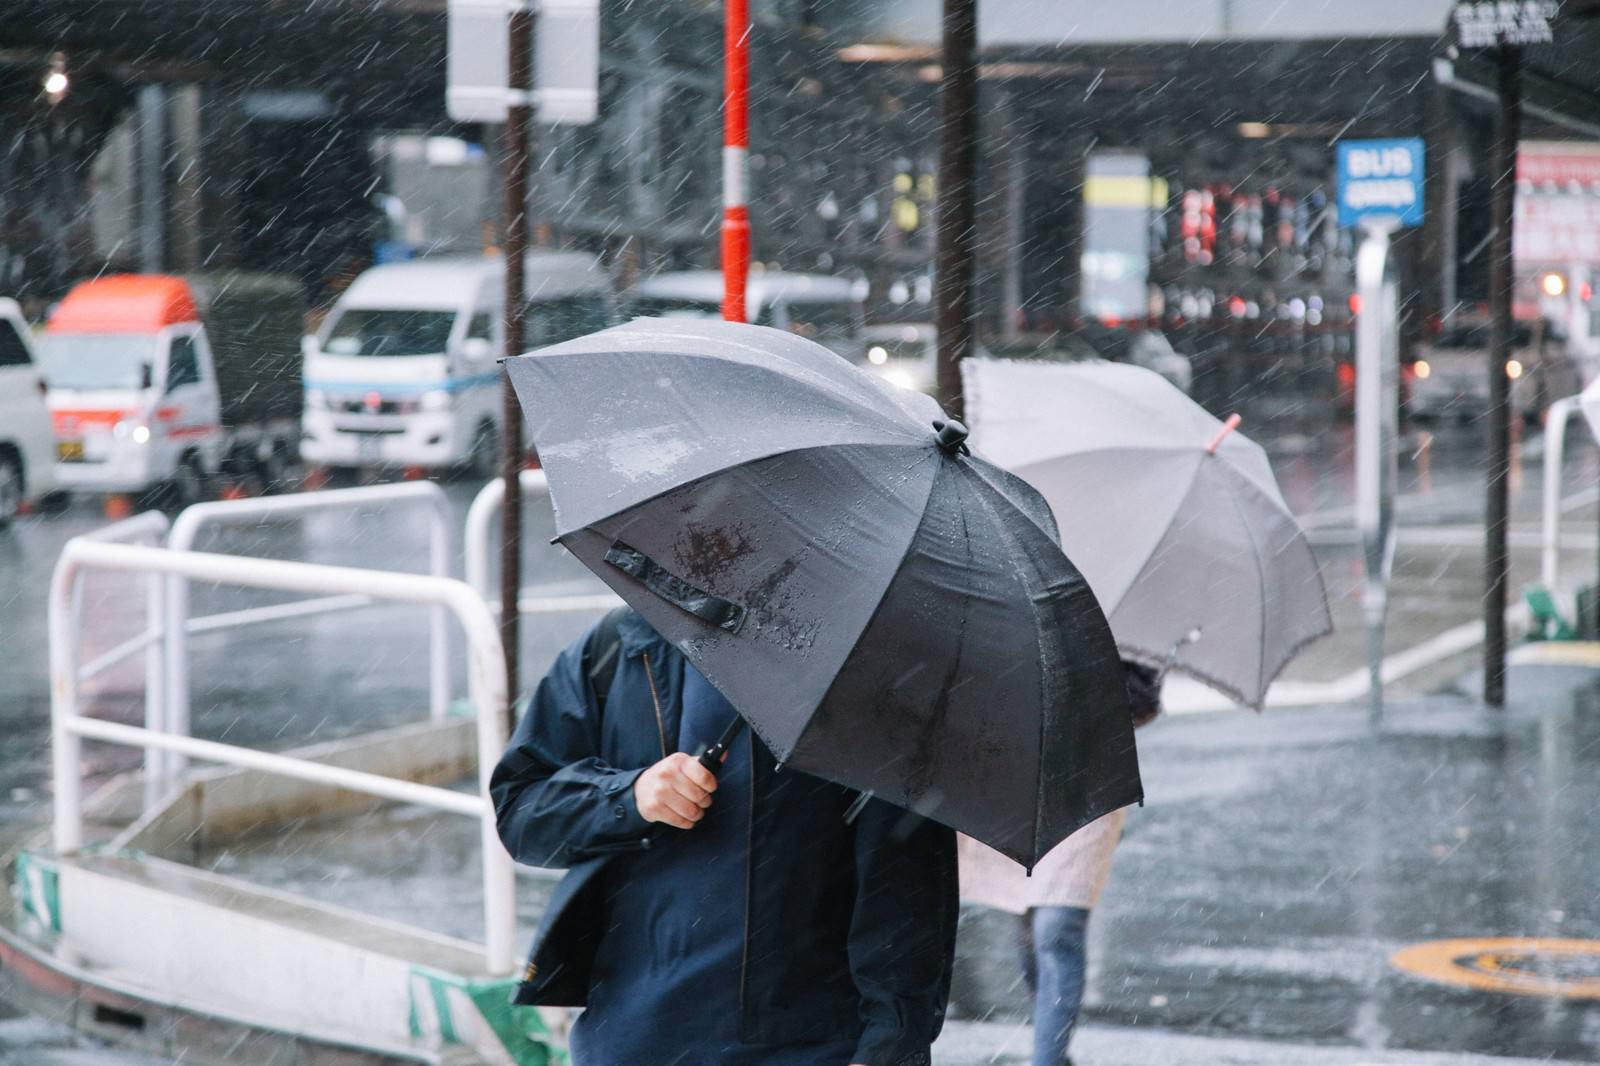 Taihu kasa0I9A5526 TP V typhoon and umbrella